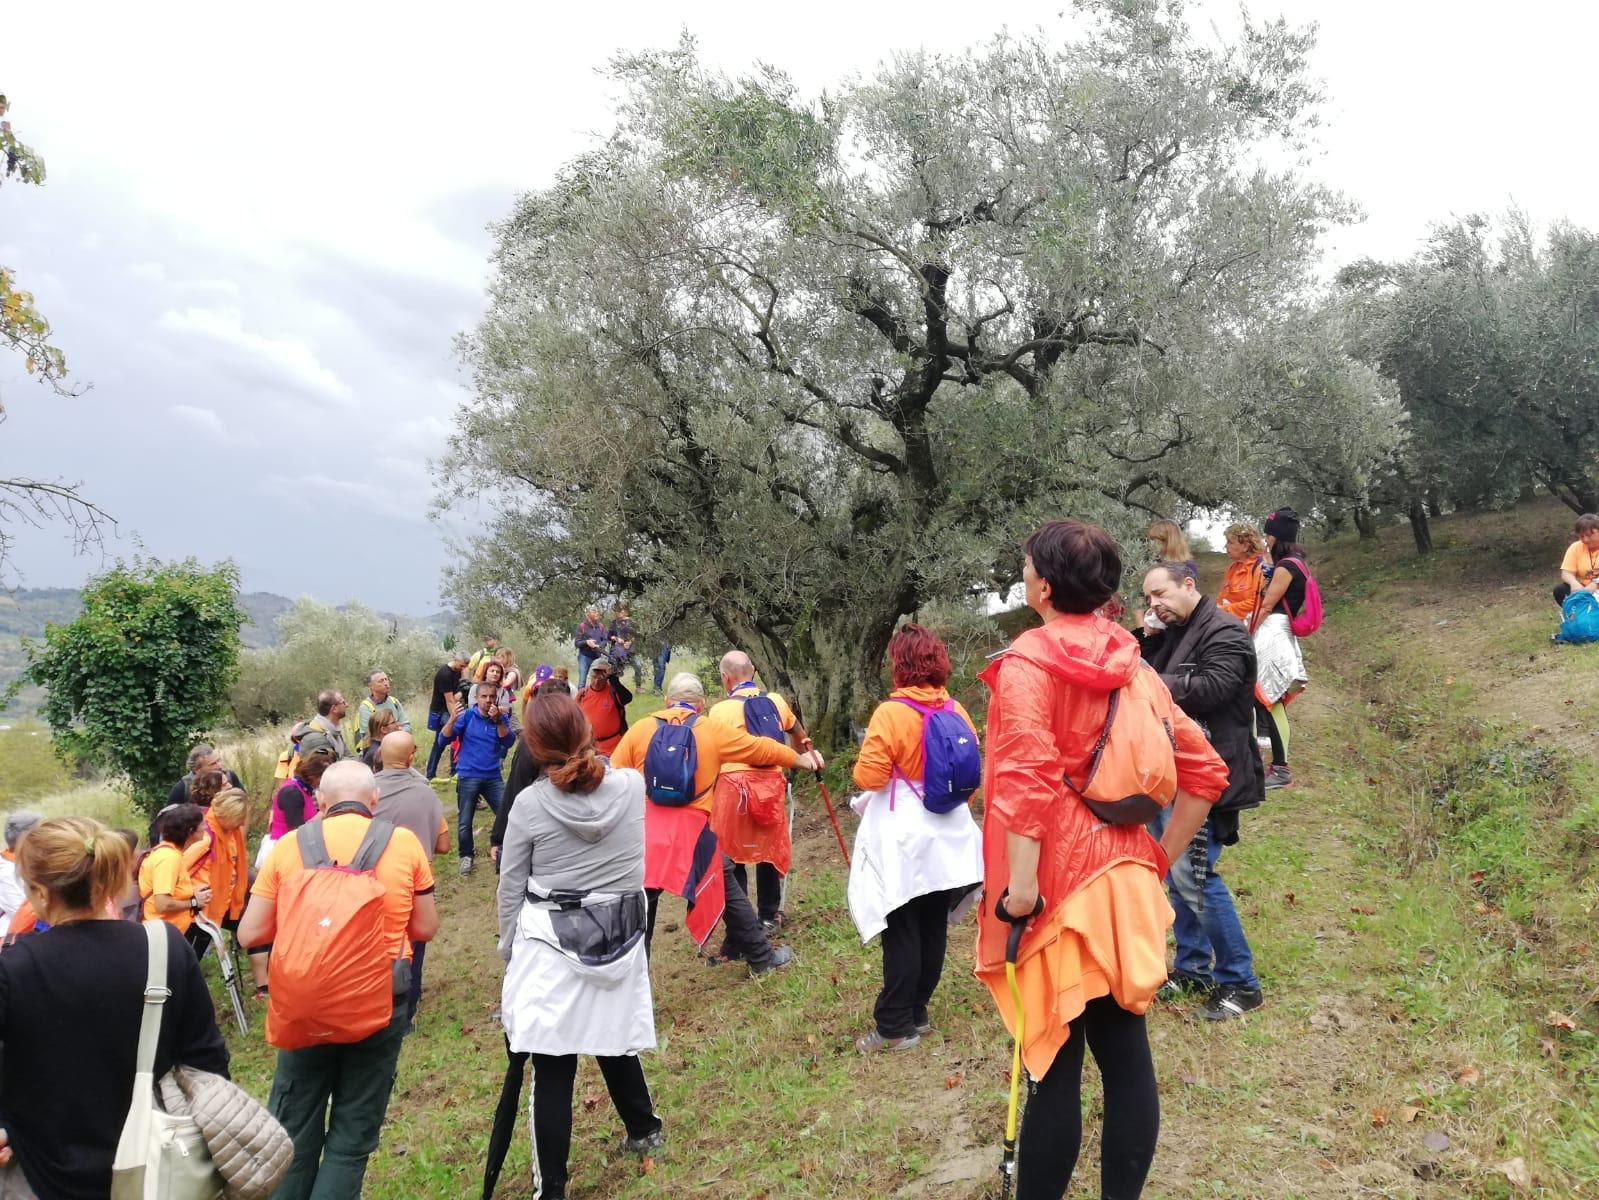 Camminata tra gli olivi in Campania, scopri dove